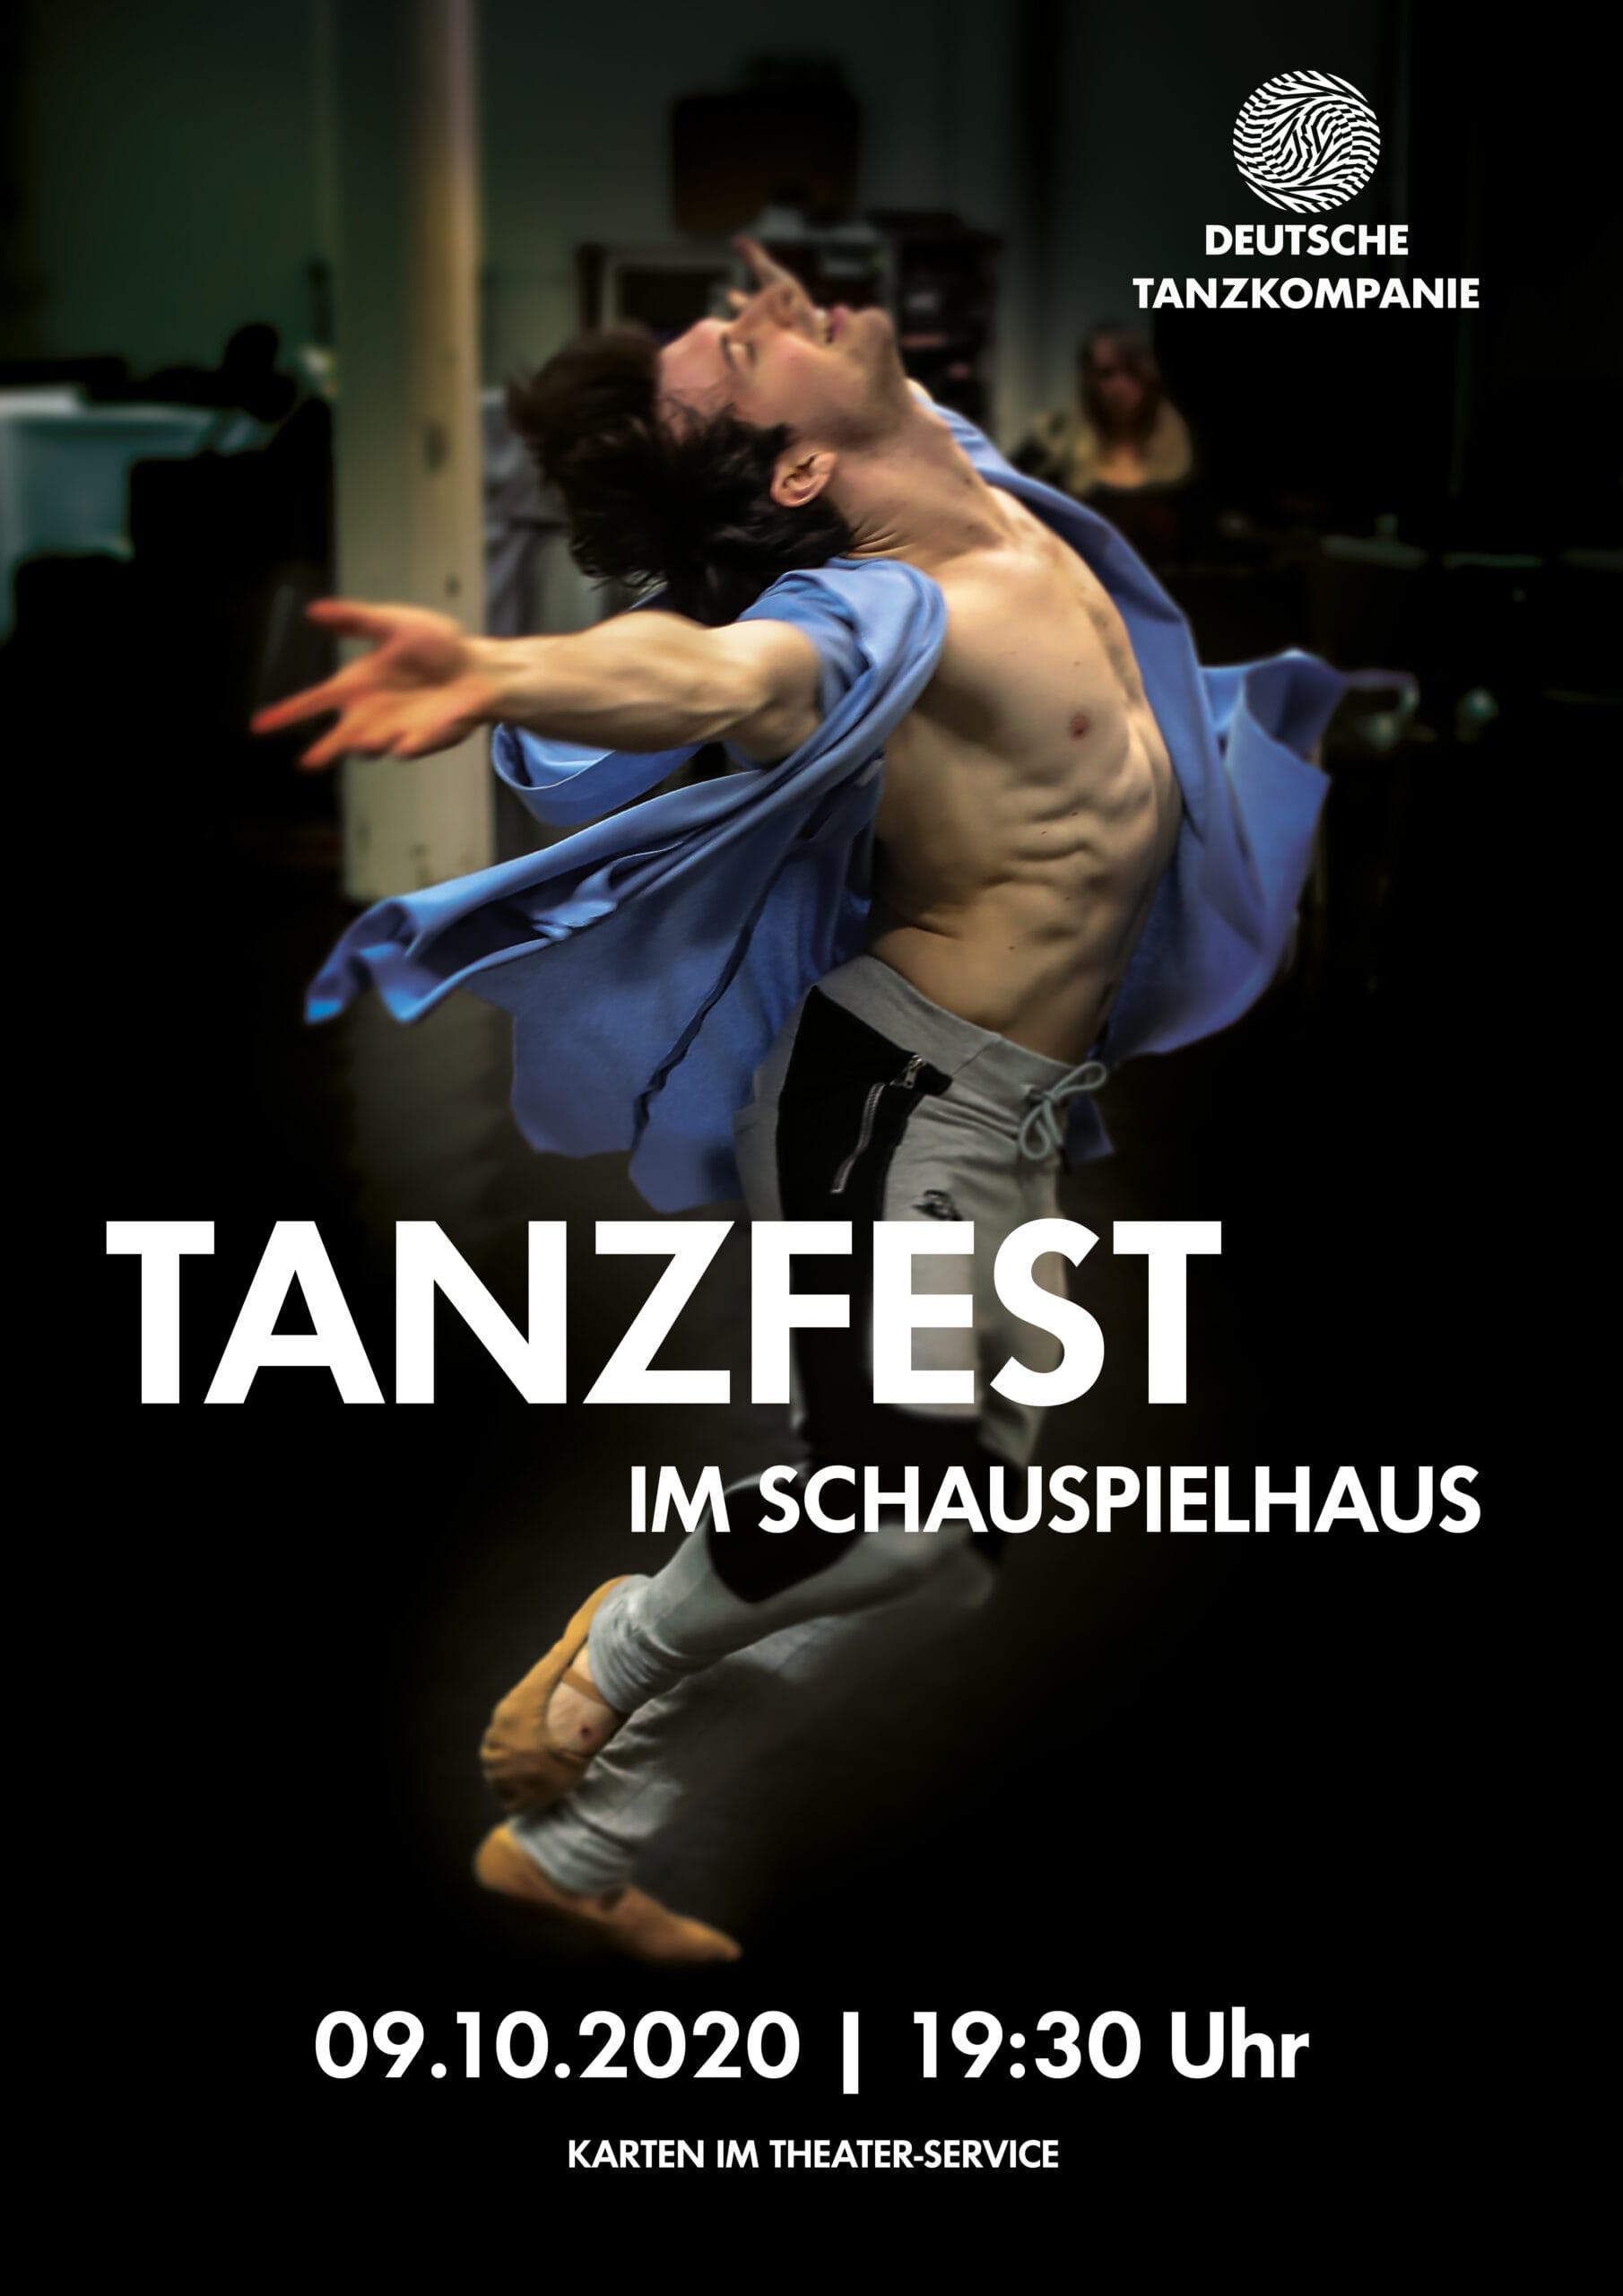 Deutsche Tanzkompanie Neustrelitz